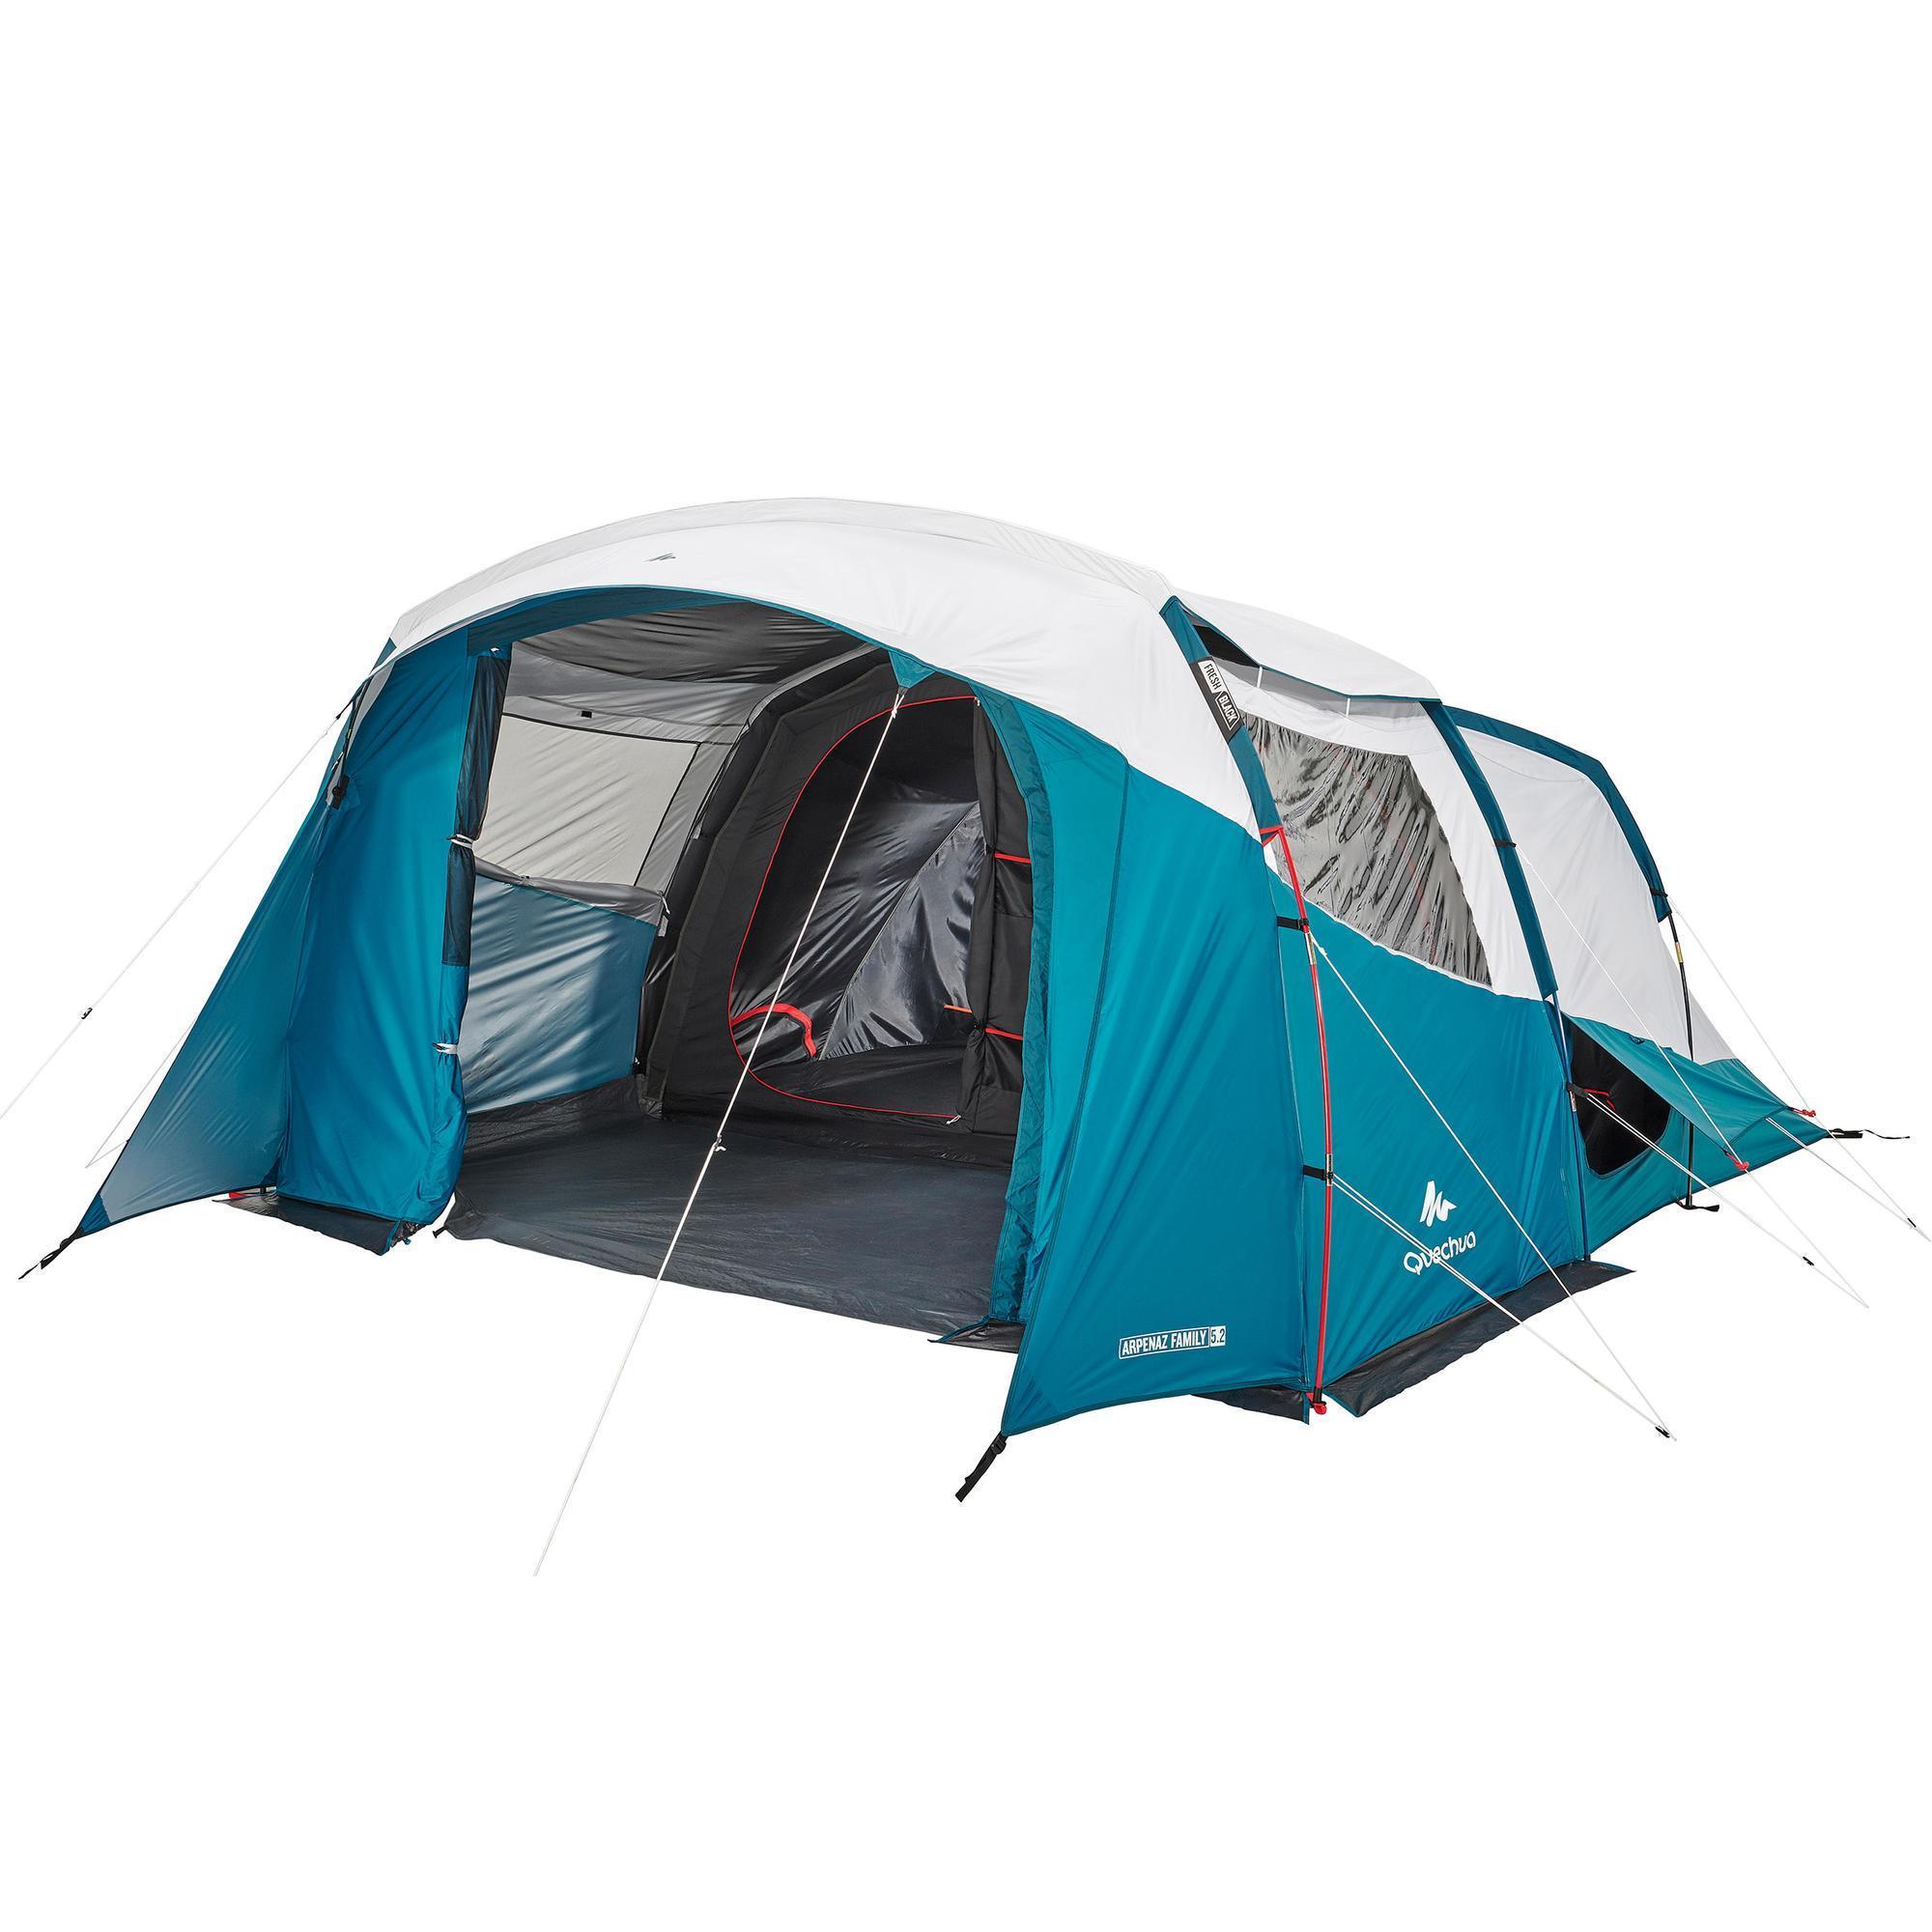 Quechua Tent 5 personen met bogen ARPENAZ 5.2 FRESH&BLACK – 2 slaapcompartimenten kopen? Lees eerst dit